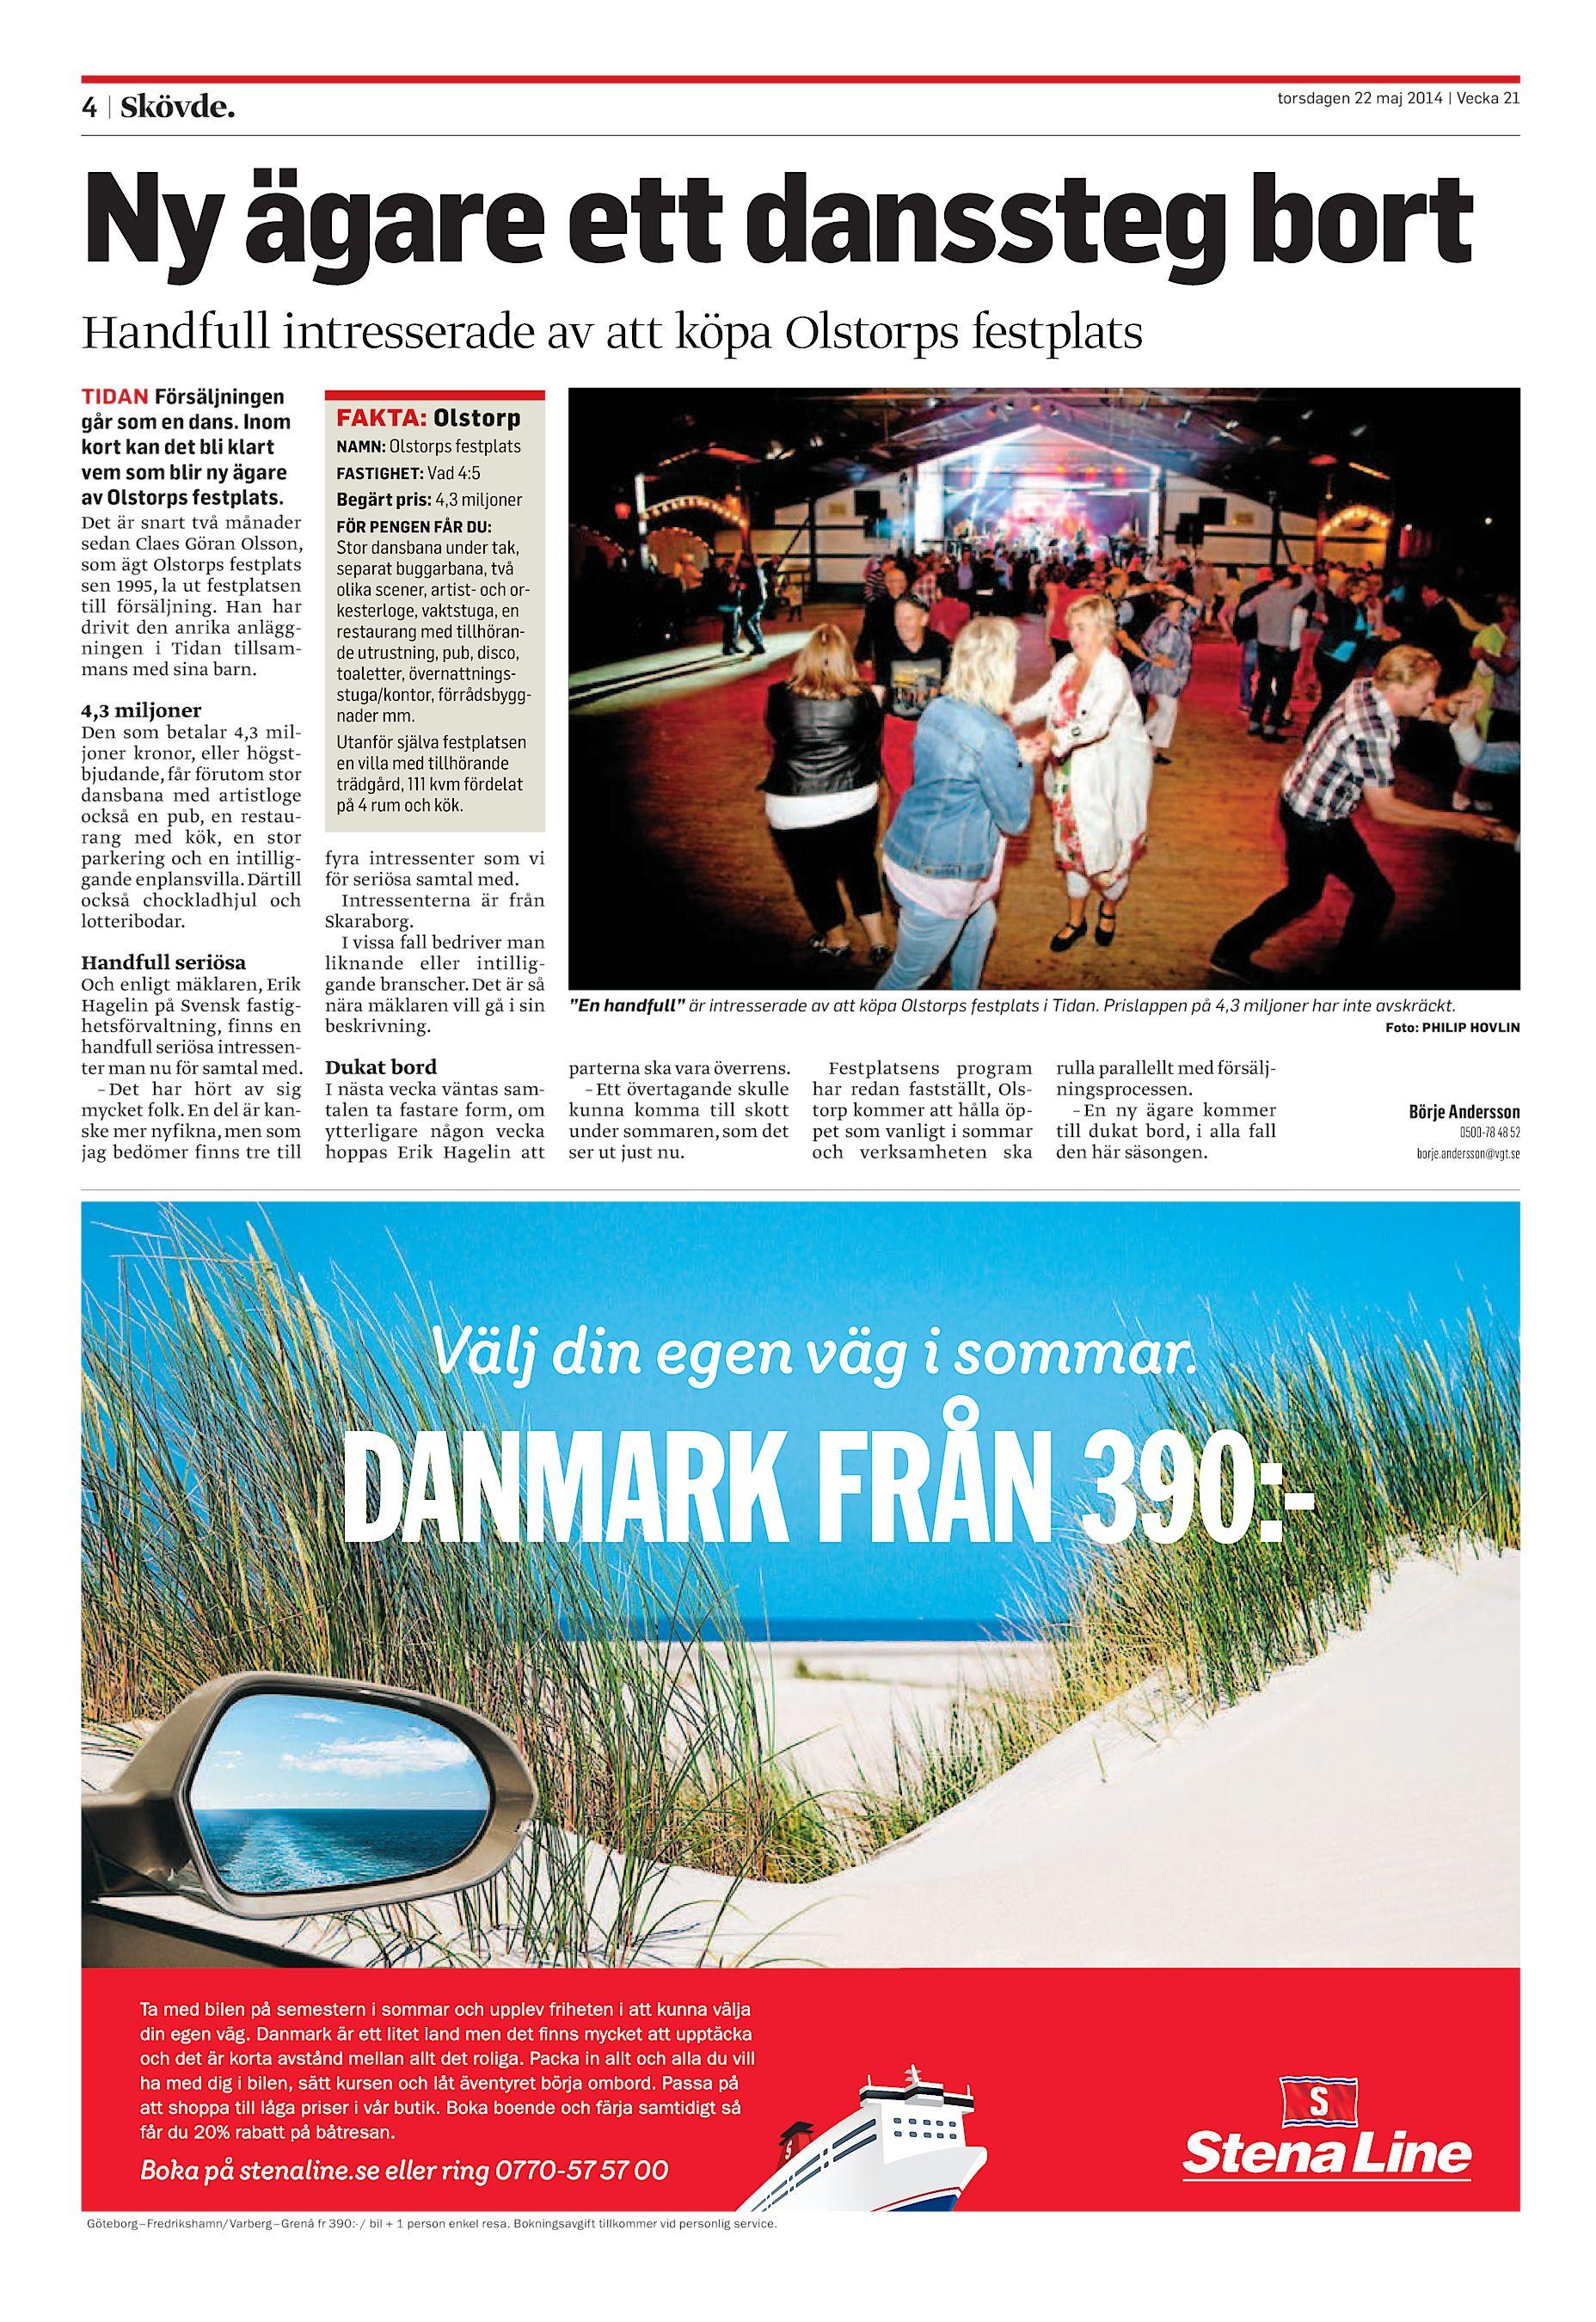 Ny ägare ett danssteg bort Handfull intresserade av att köpa Olstorps  festplats TIDAN Försäljningen går som en dans. Inom kort kan det ... 2ca2109cf1470